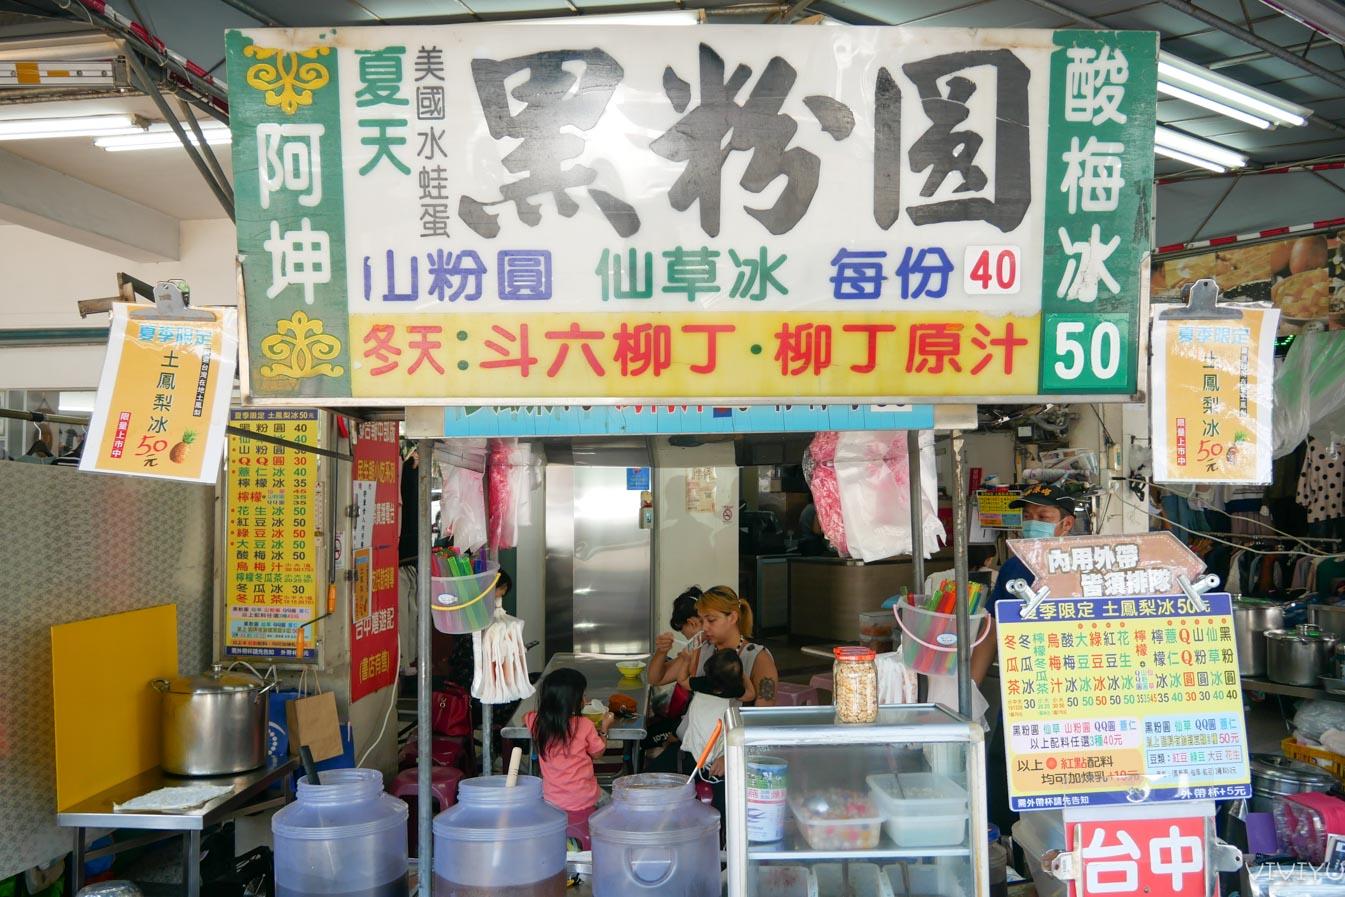 [新竹美食]翁記滷肉飯.牛埔店|滷肉飯肥瘦適中有著黑胡椒香~燉品湯頭甘醇